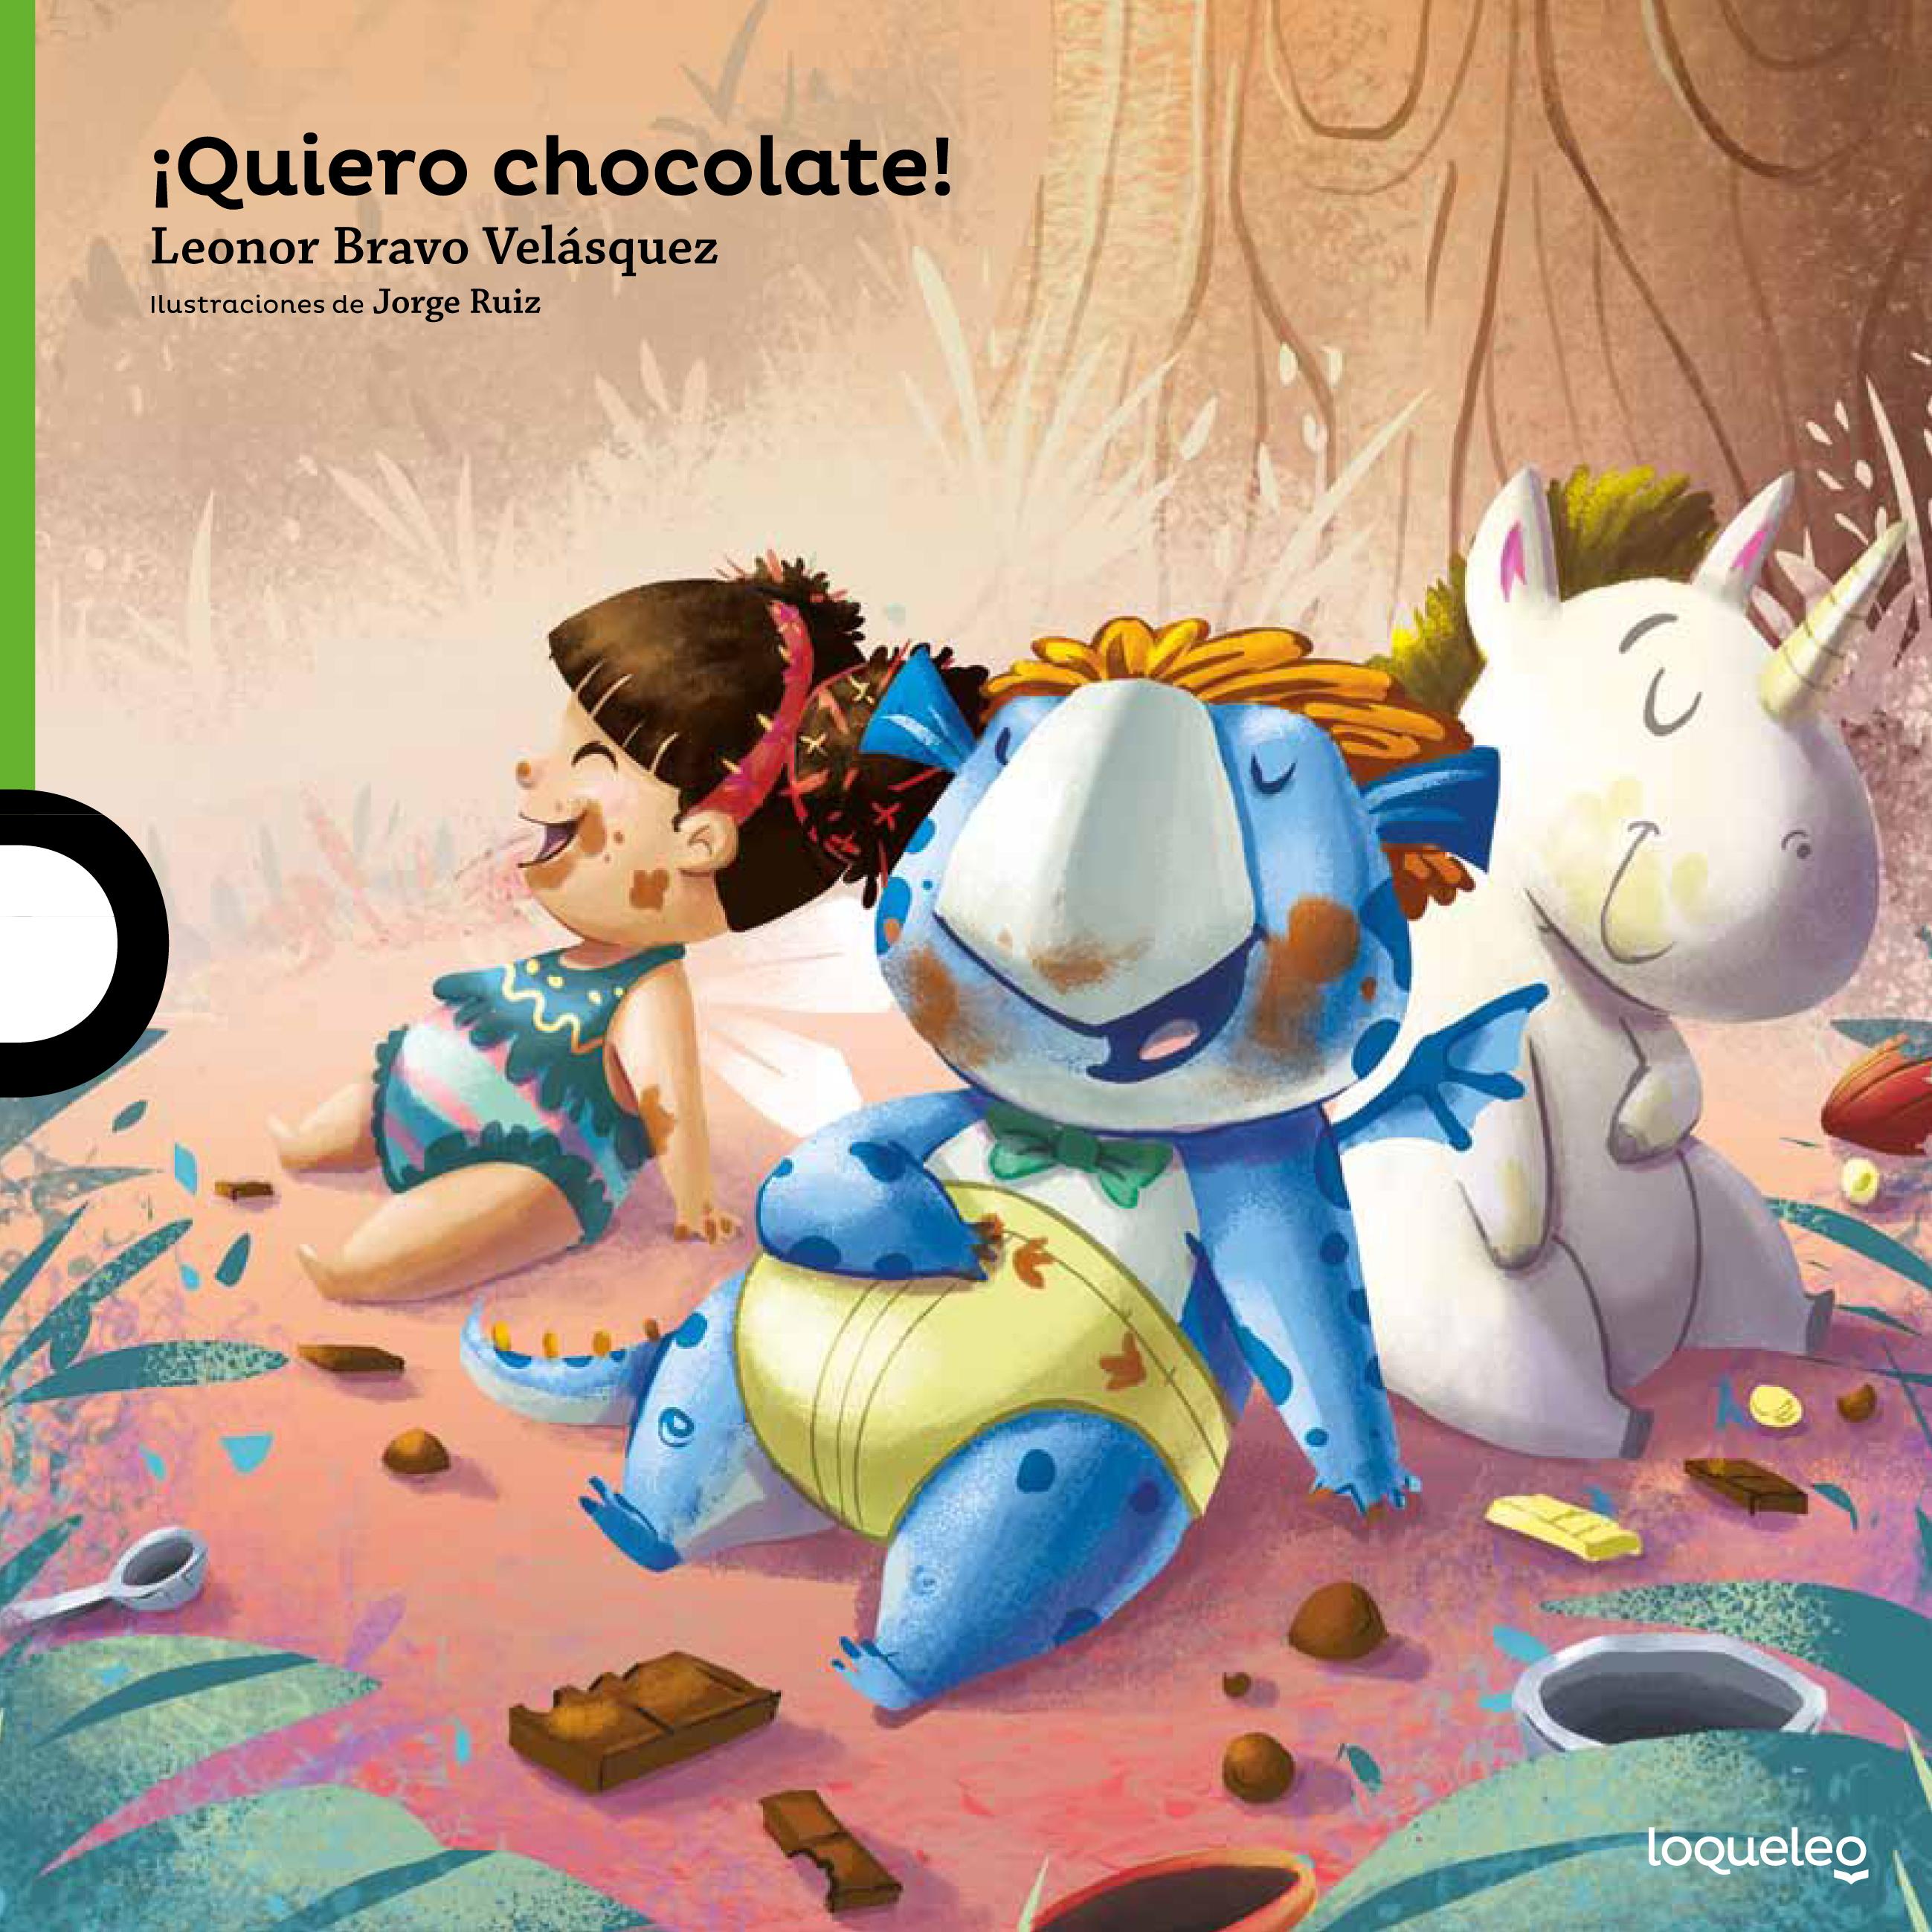 ¡Quiero chocolate!